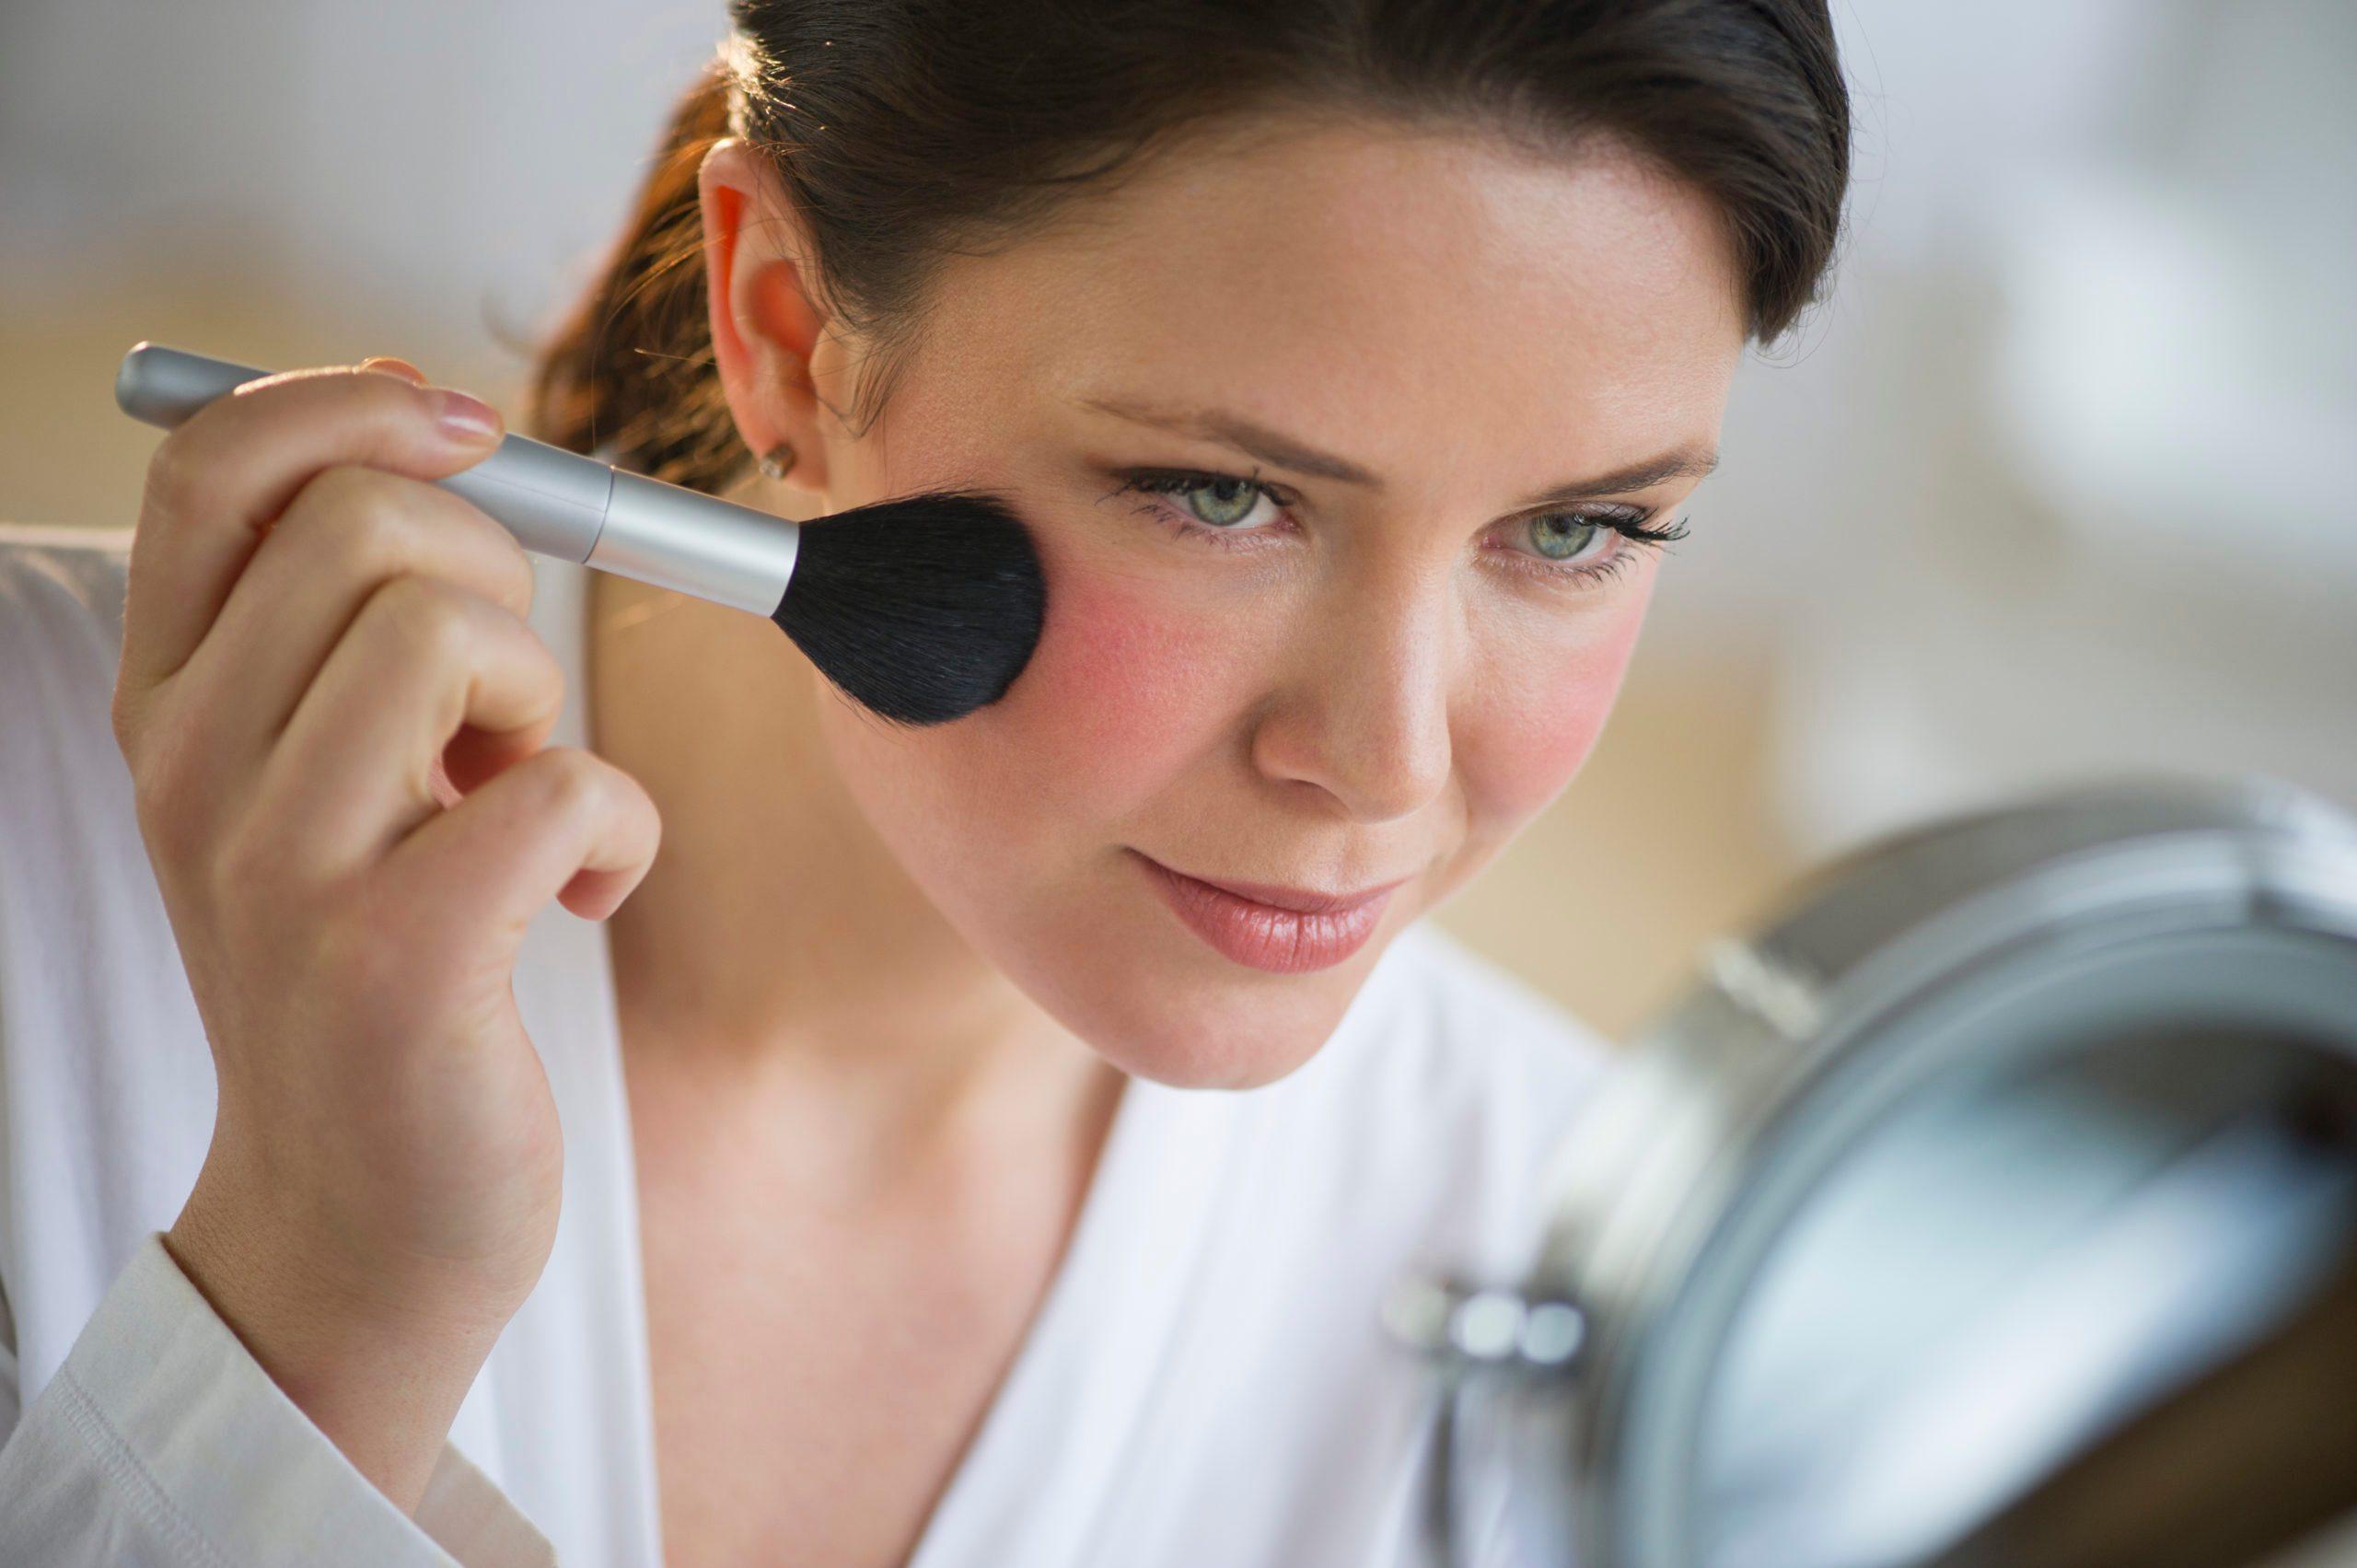 USA, New Jersey, Jersey City, woman applying blush on cheekbones